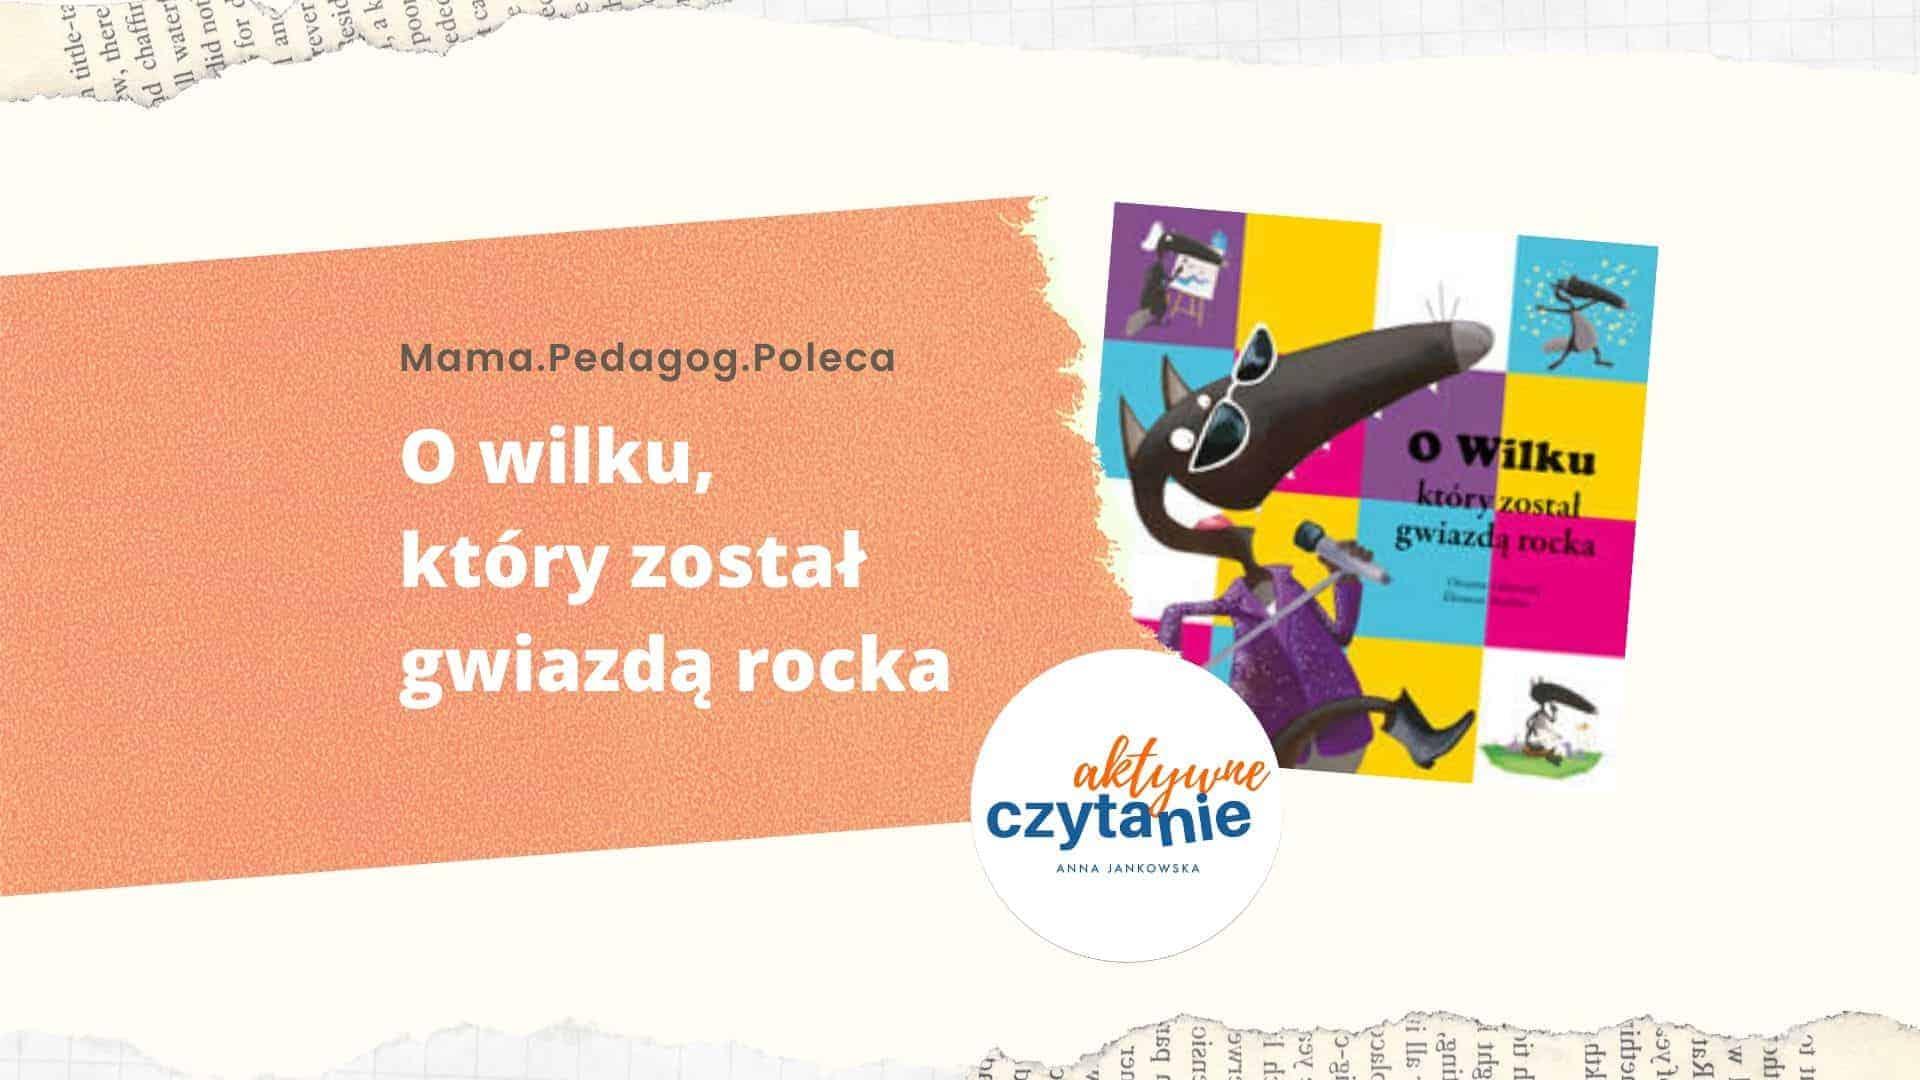 O-wilku-ktory-zostal-gwiazda-rocka-recenzja-ksiazki-dla-dzieci